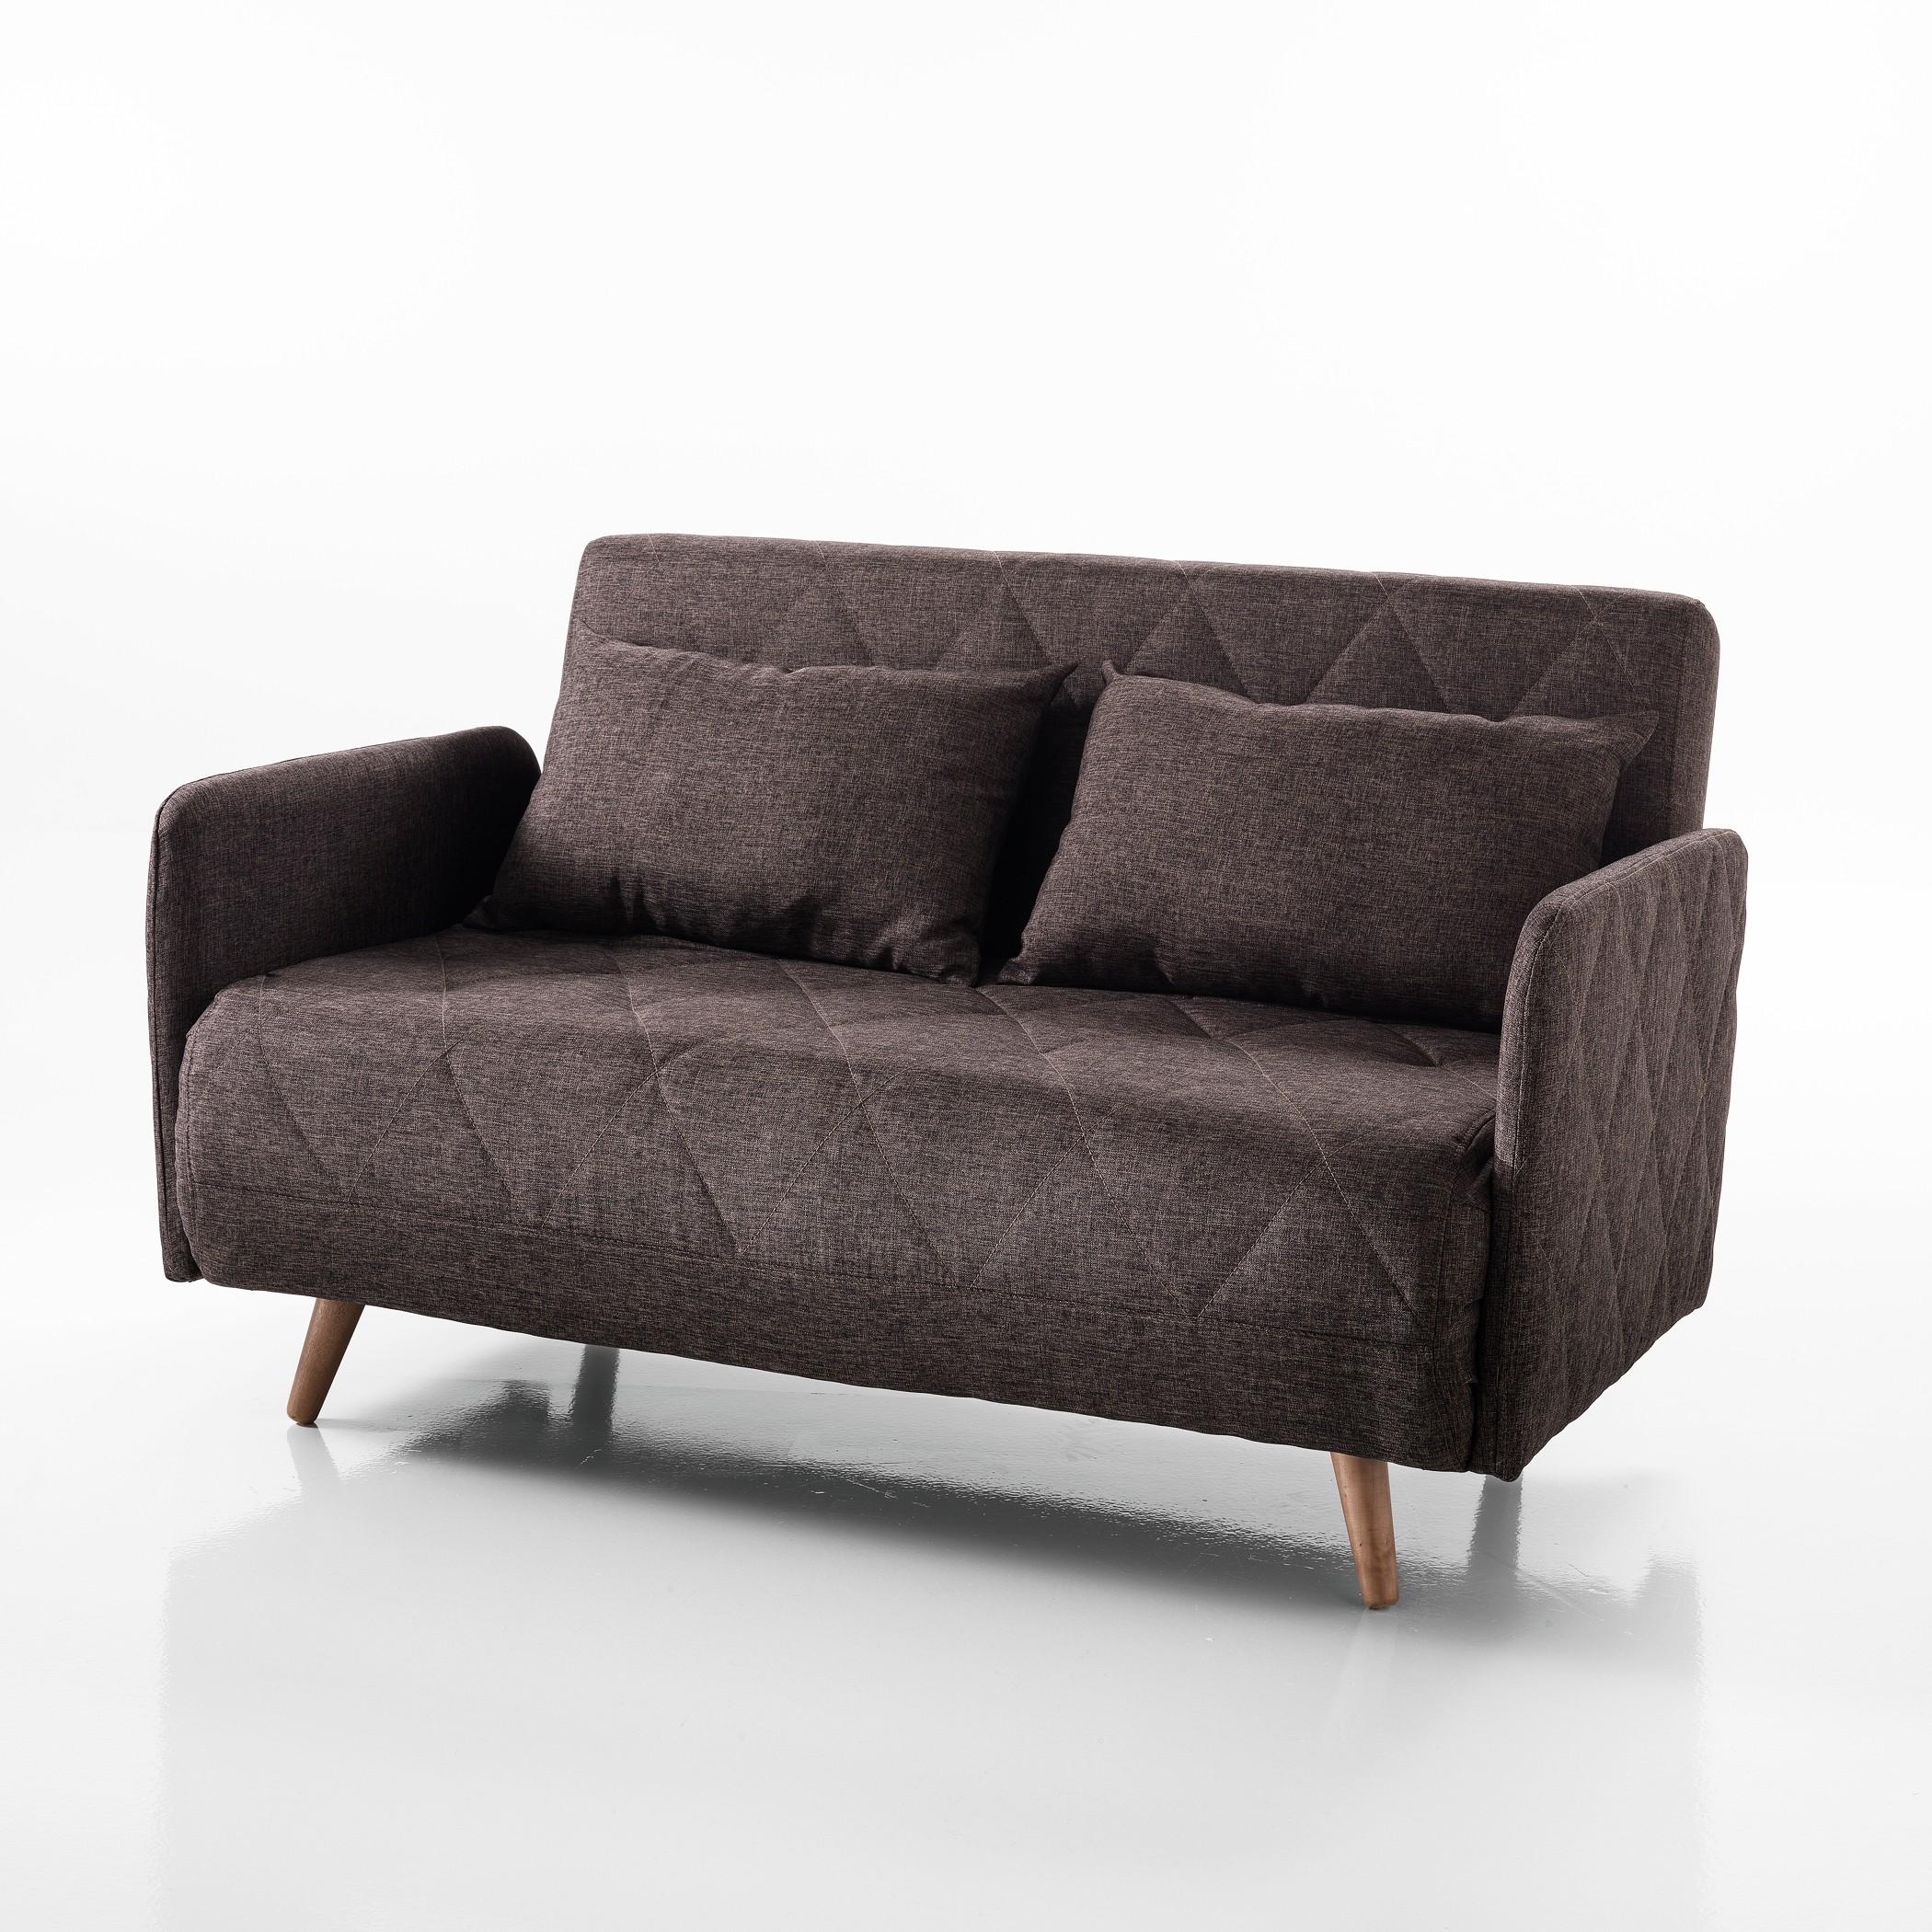 Hatthylla 120 cm f intressanta id er f r m beldesign - Divano letto 120 cm ...